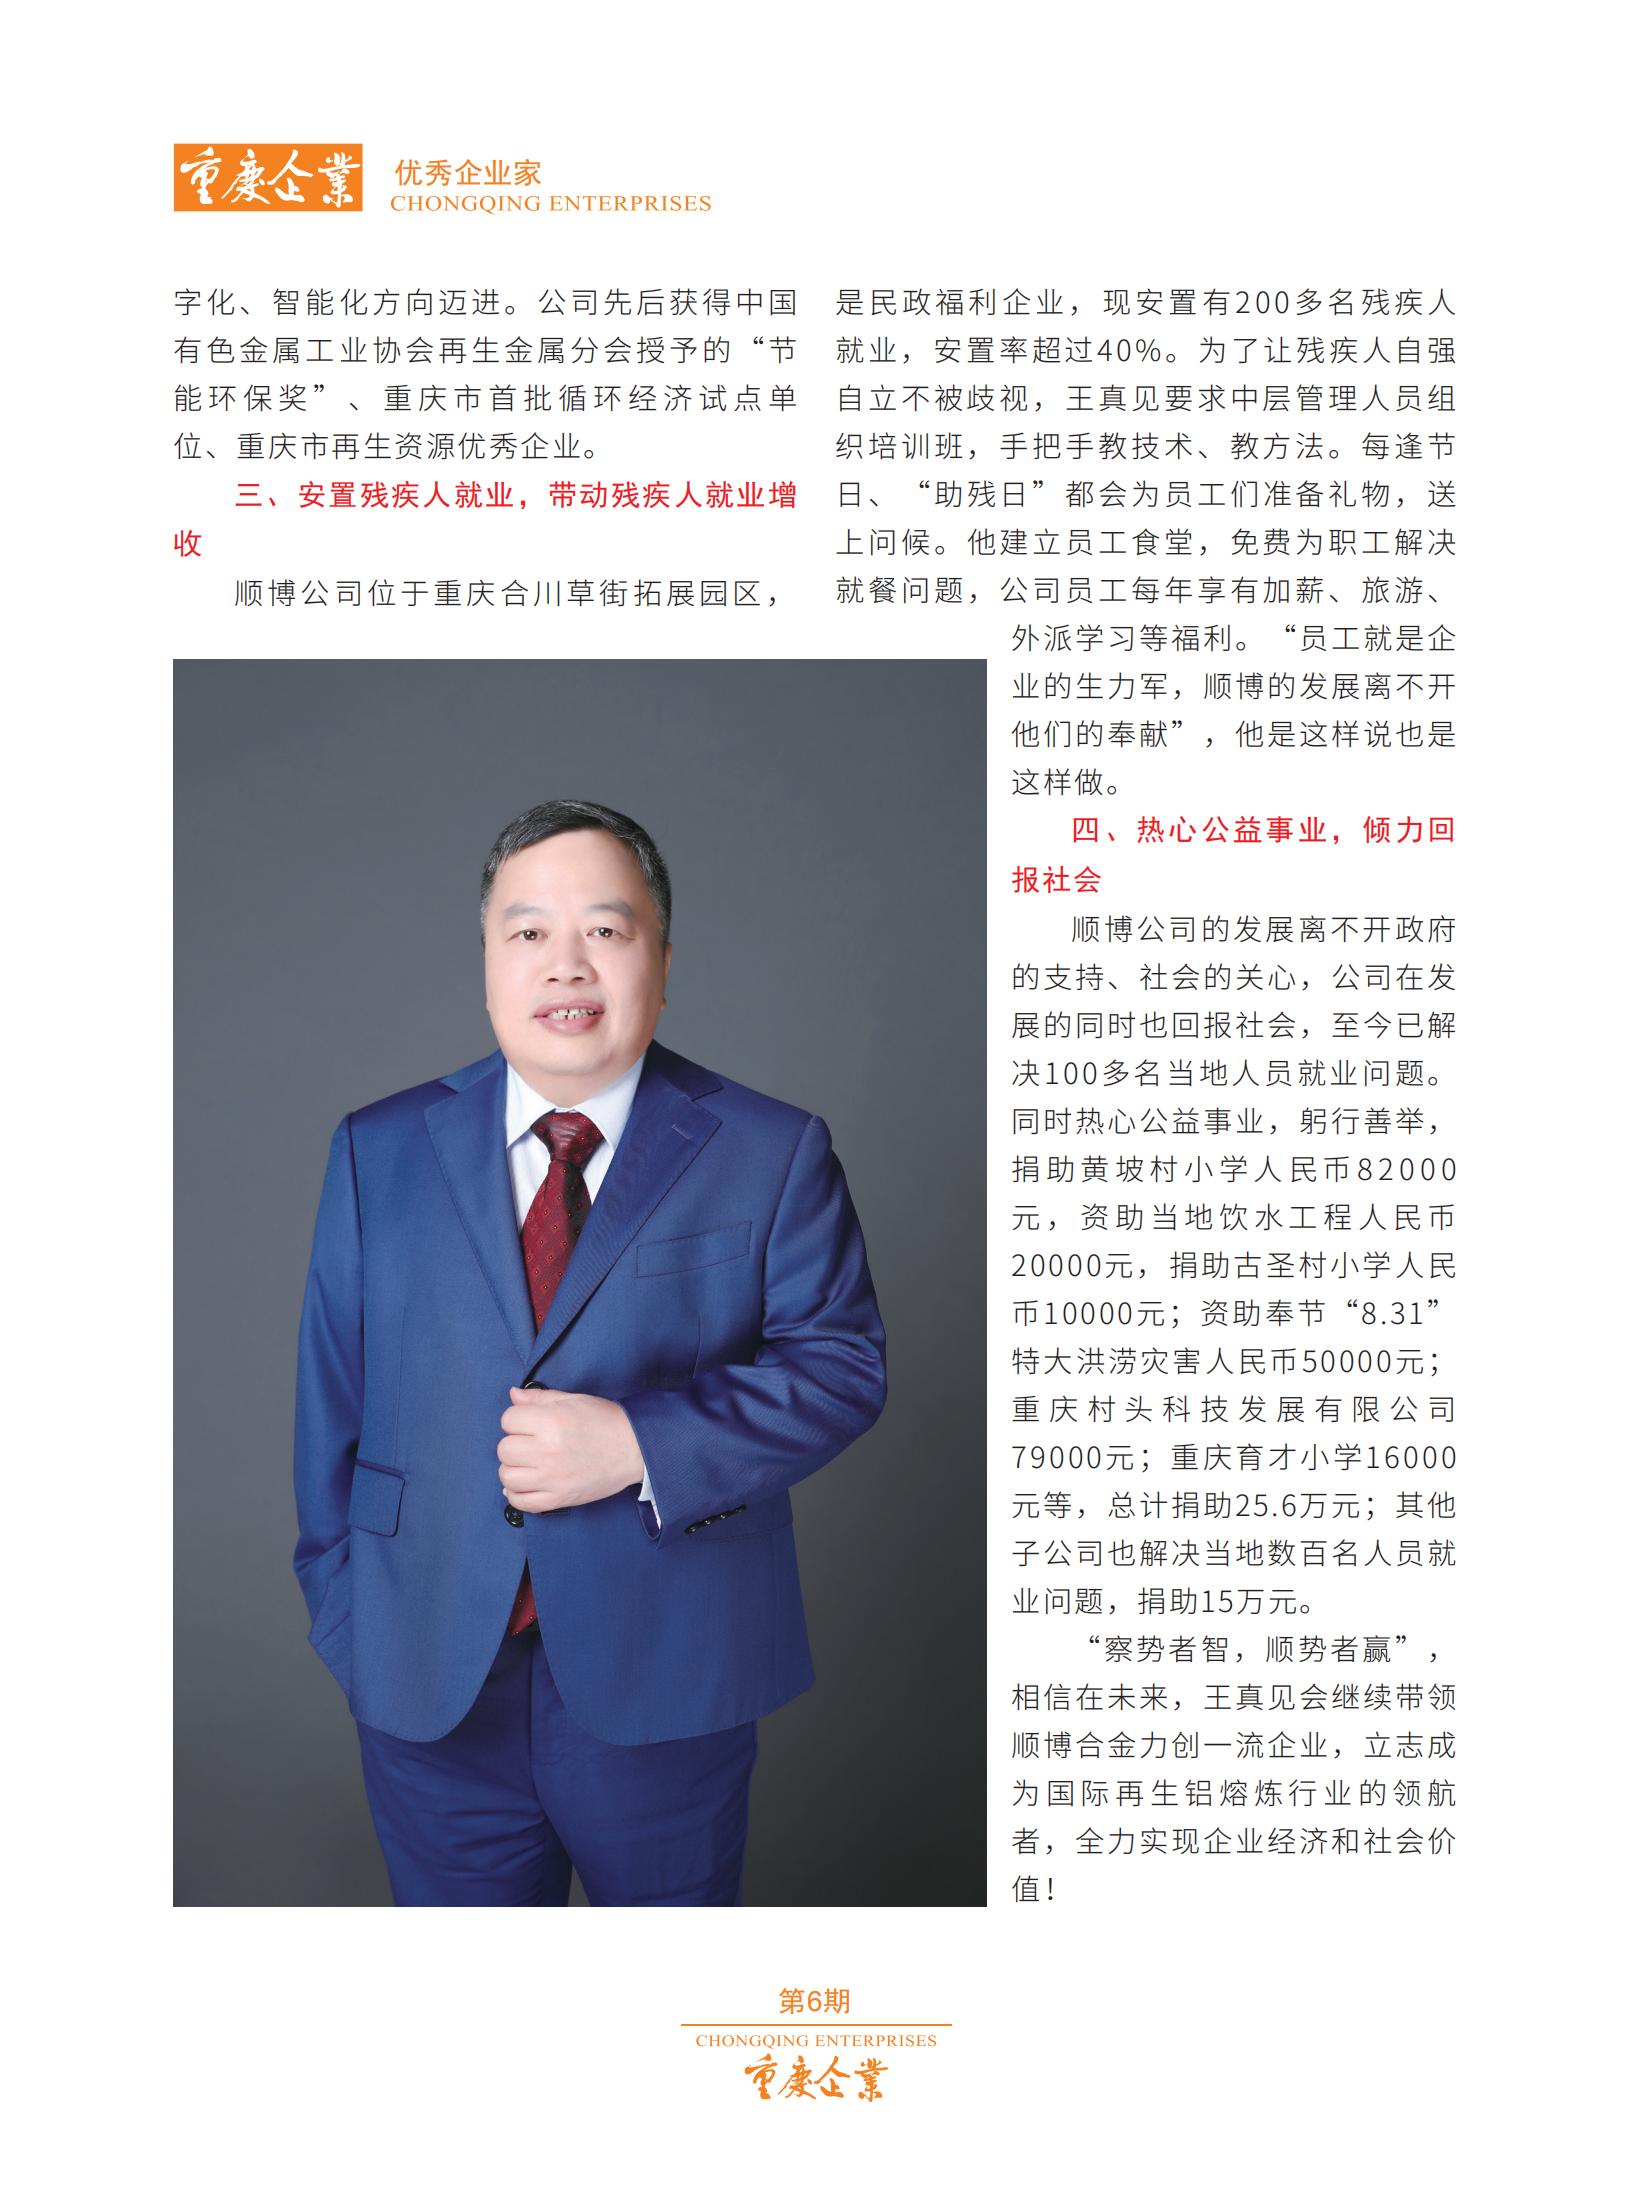 王真見 (2).png